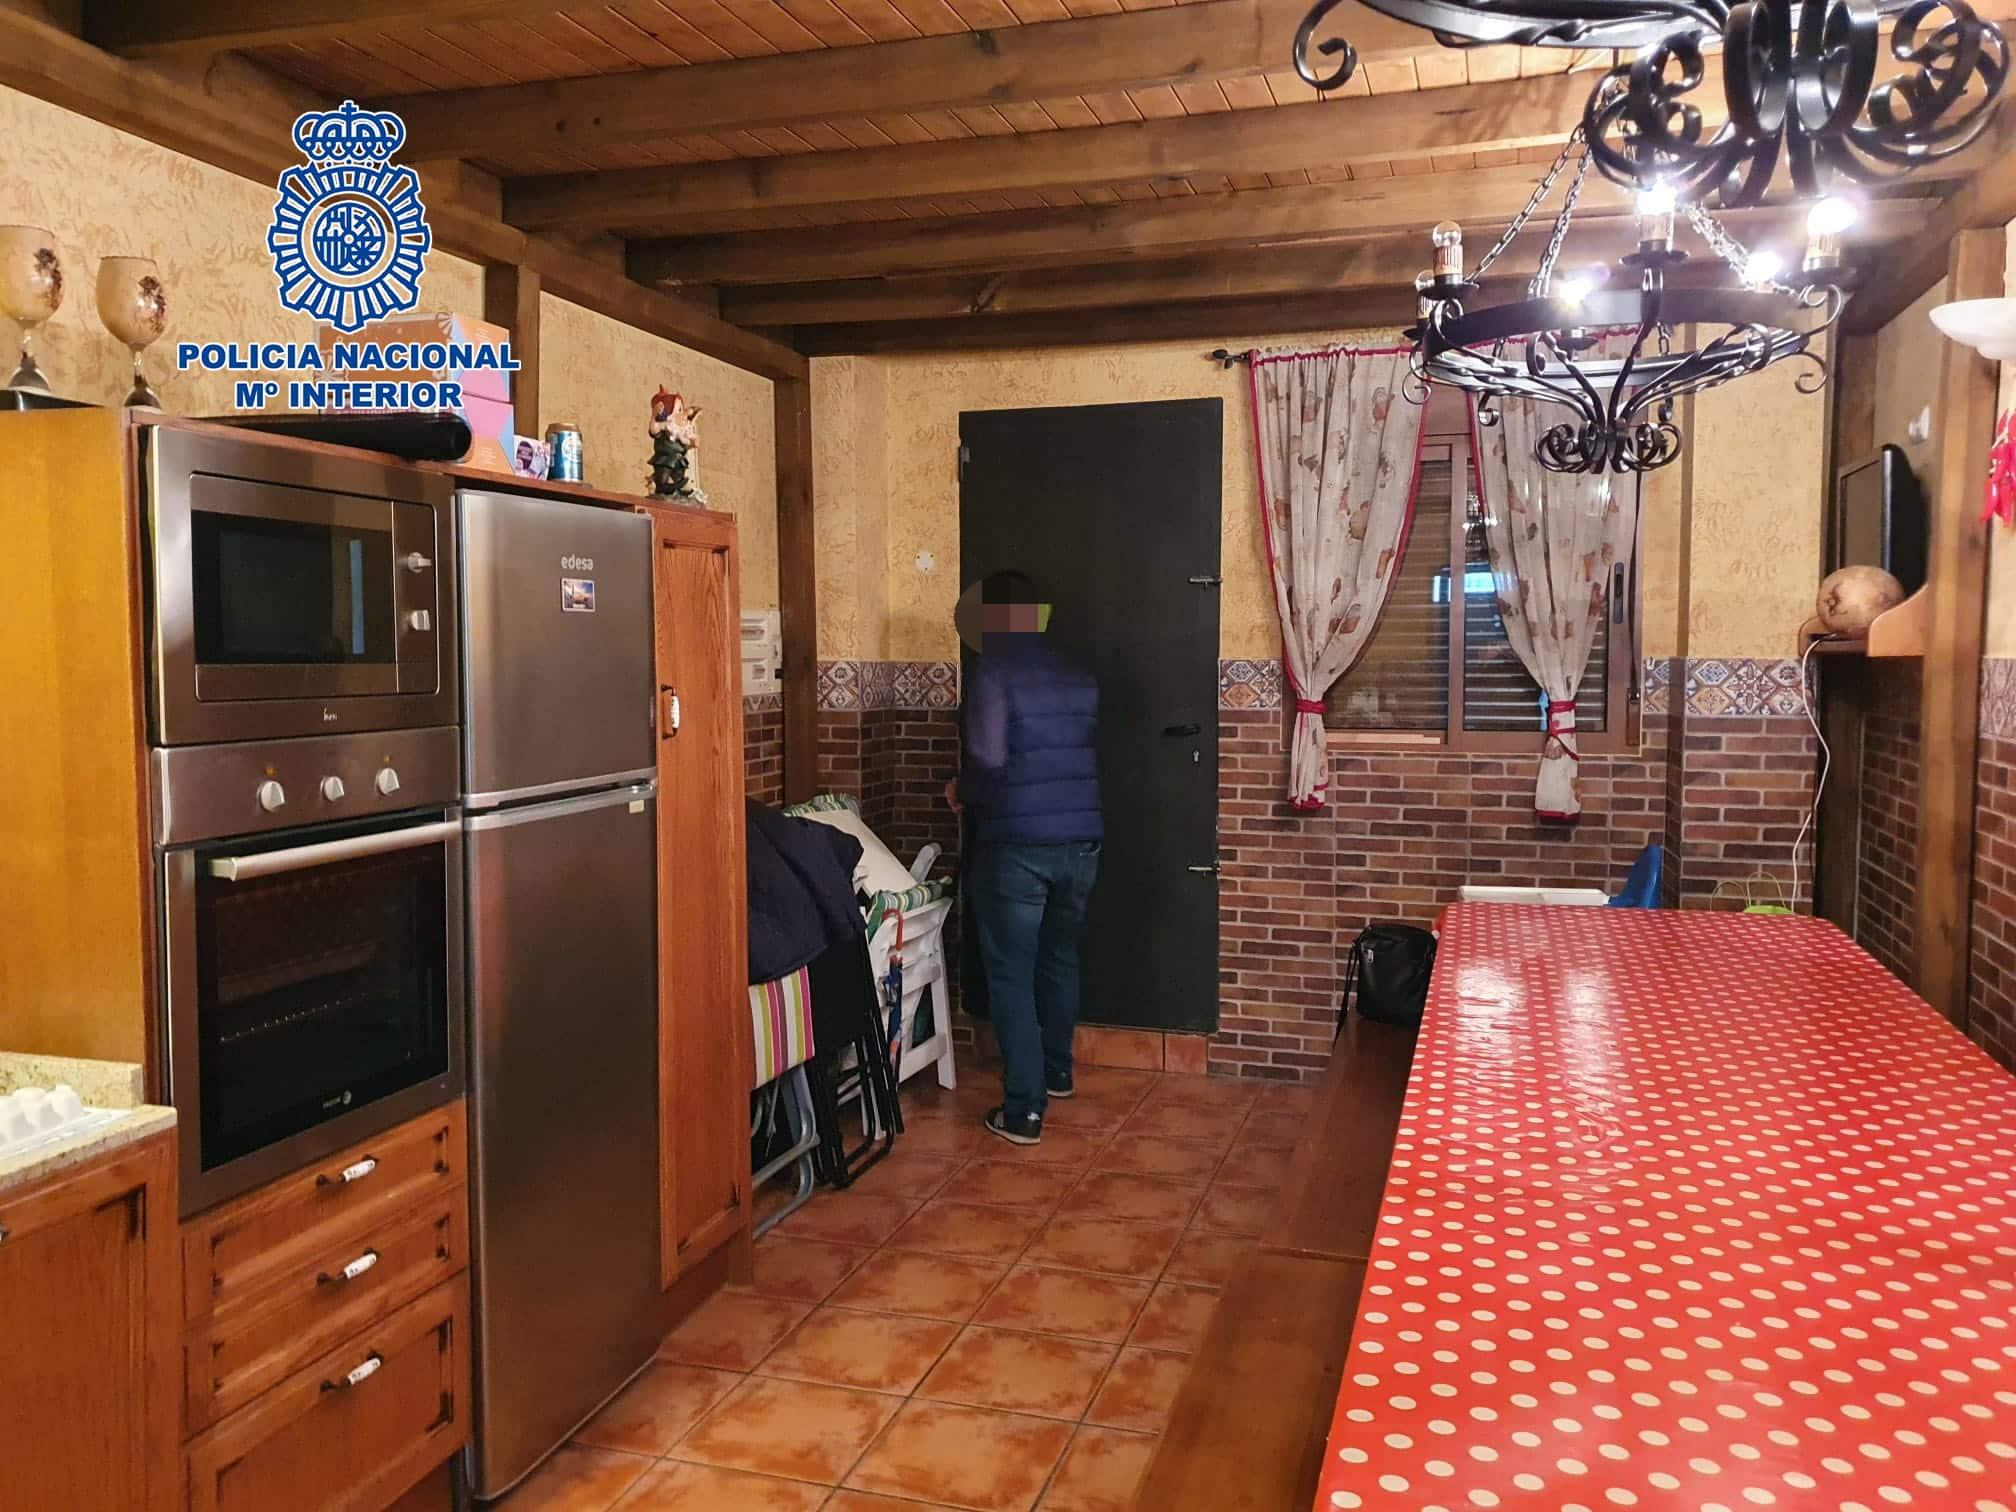 Nuevas sanciones en Logroño: carreras ilegales, 95 personas en un bar y fiesta con 10 personas en un merendero 1